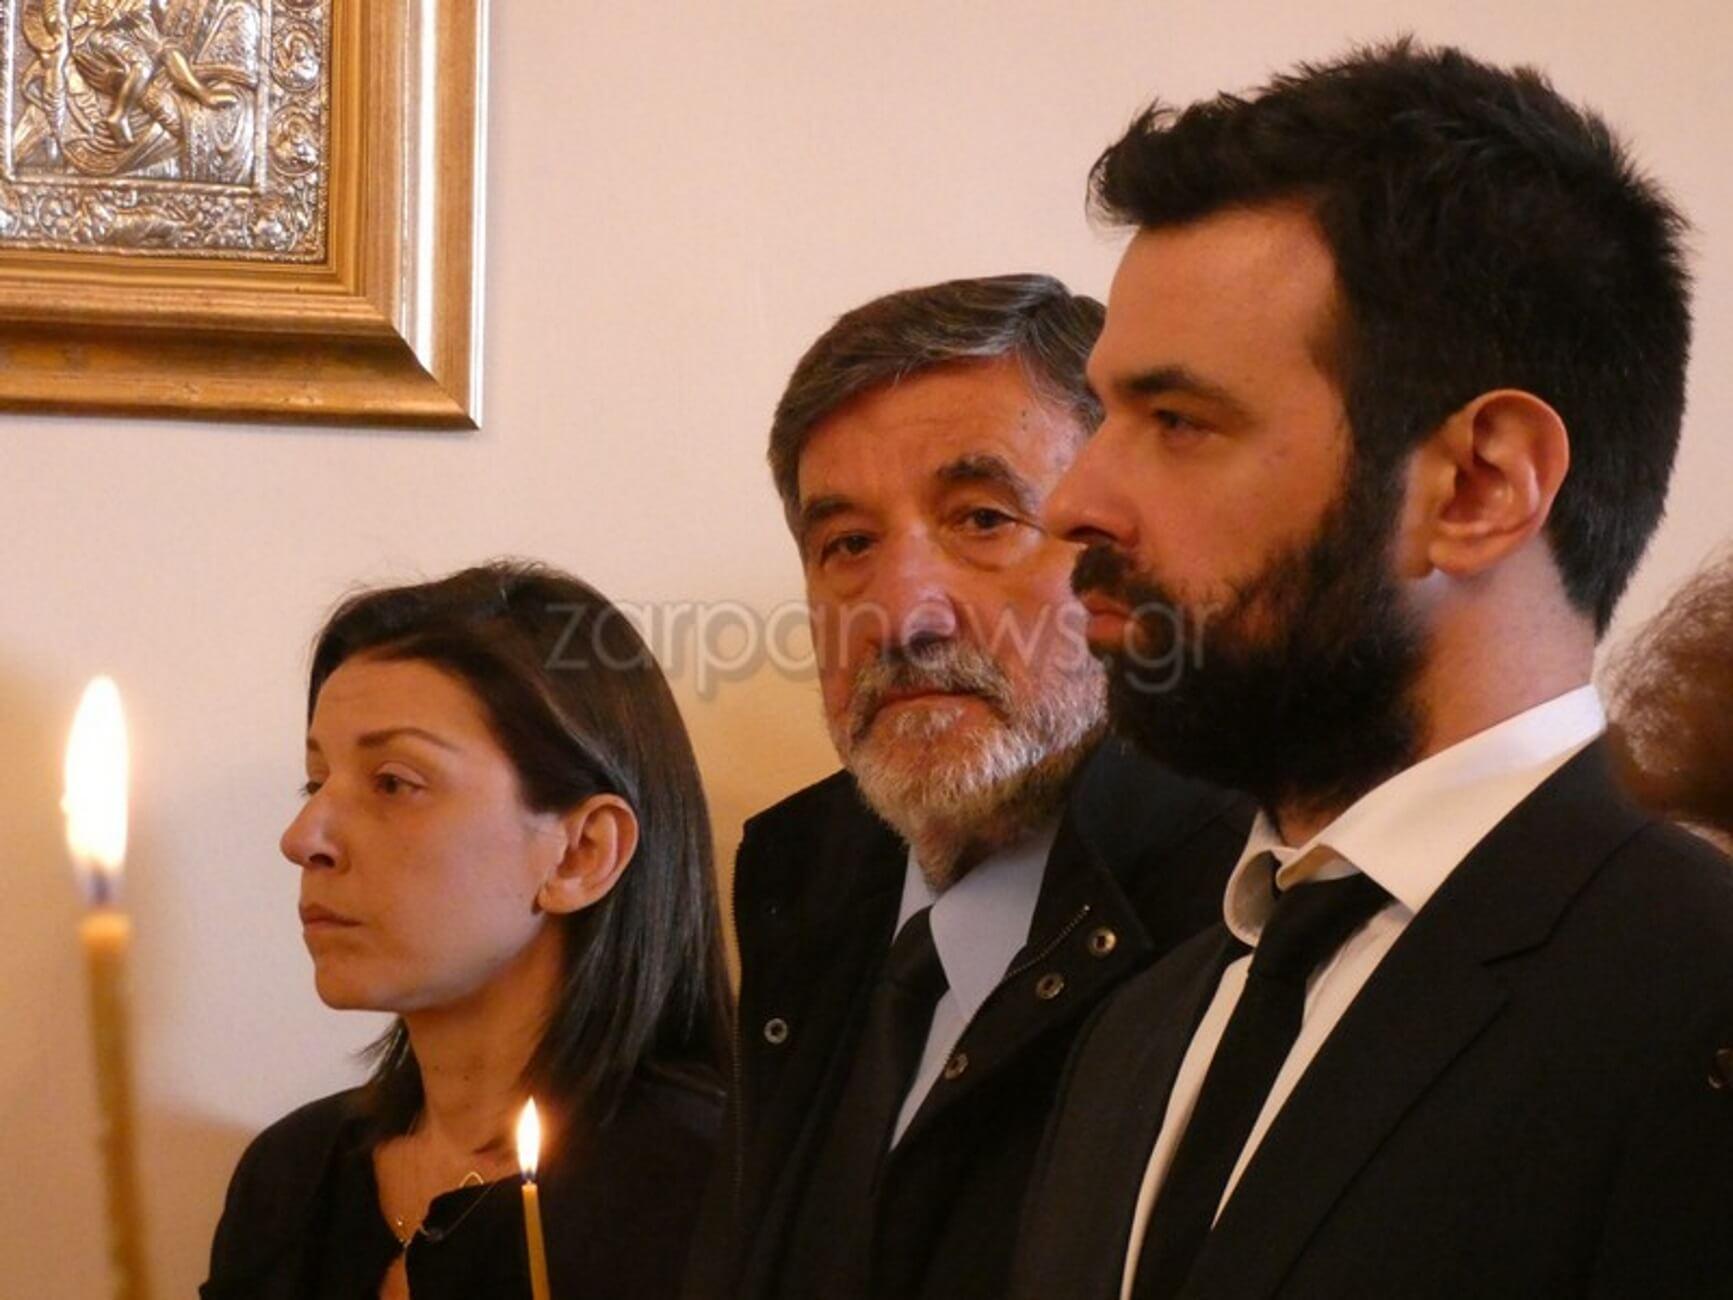 Χανιά: Συντετριμμένος ο Μανούσος Γρυλλάκης στο μνημόσυνο της γυναίκας του – Παρούσες Ντόρα και Μαρέβα [pics]